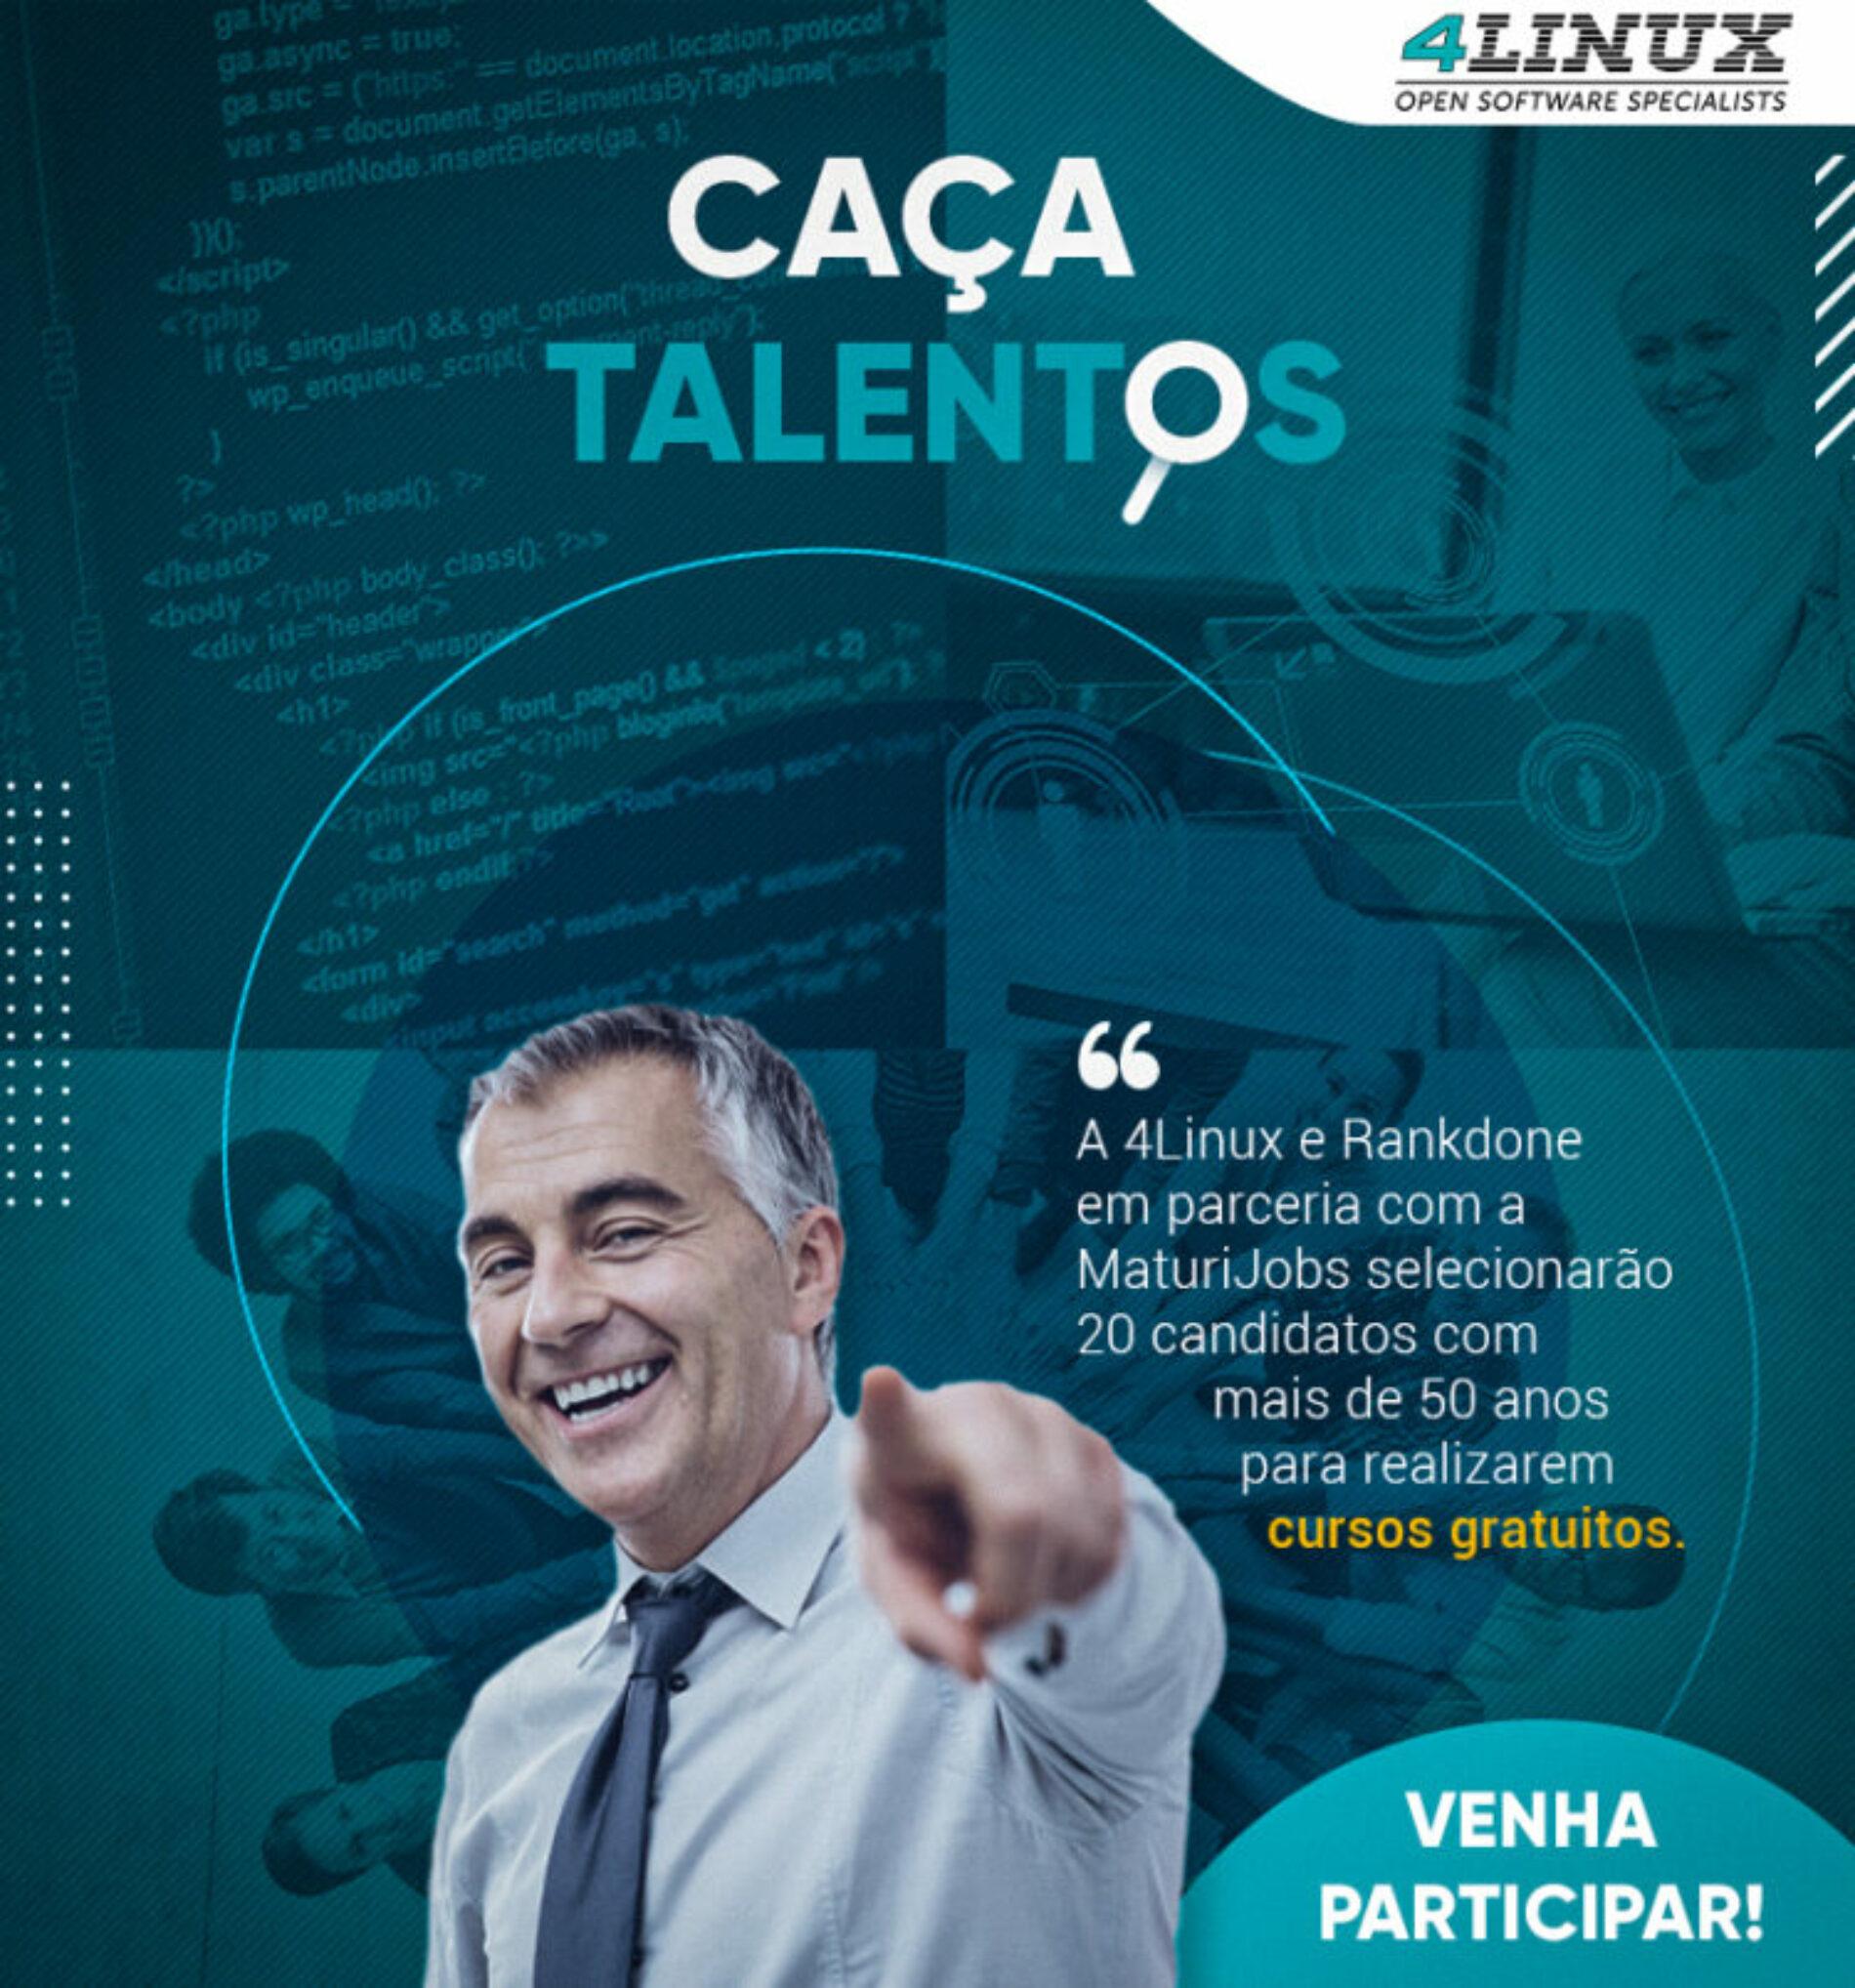 Caça Talentos Melhor Idade – Cursos gratuitos de tecnologia com possibilidade de contratação.